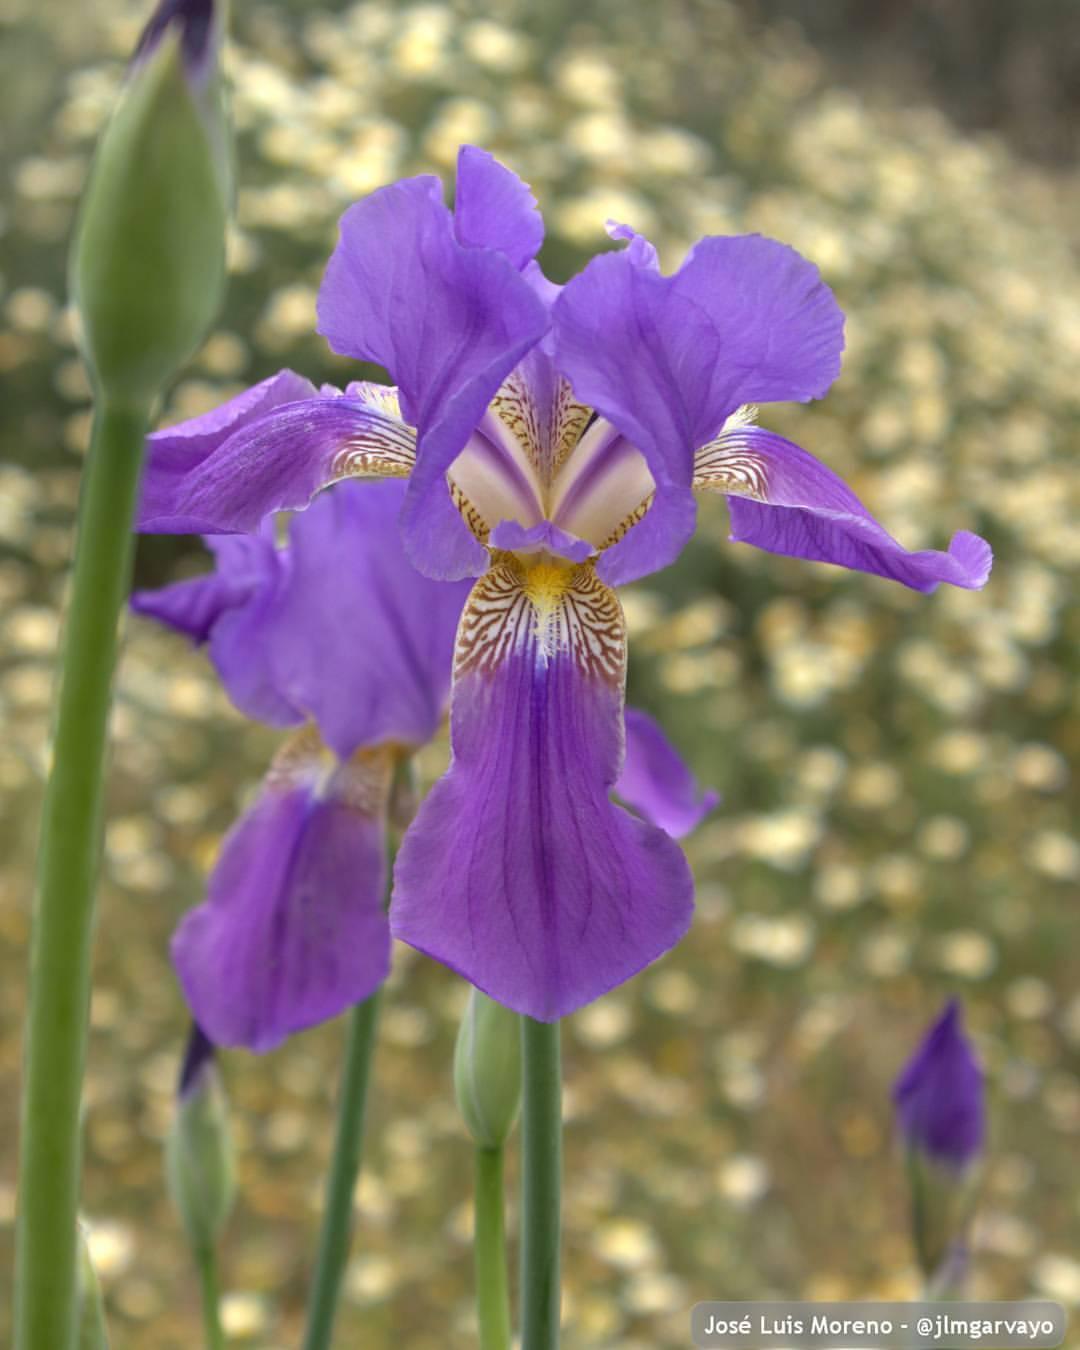 Iris latifolia - lirio ingles #nature #naturaleza #flores #flowers